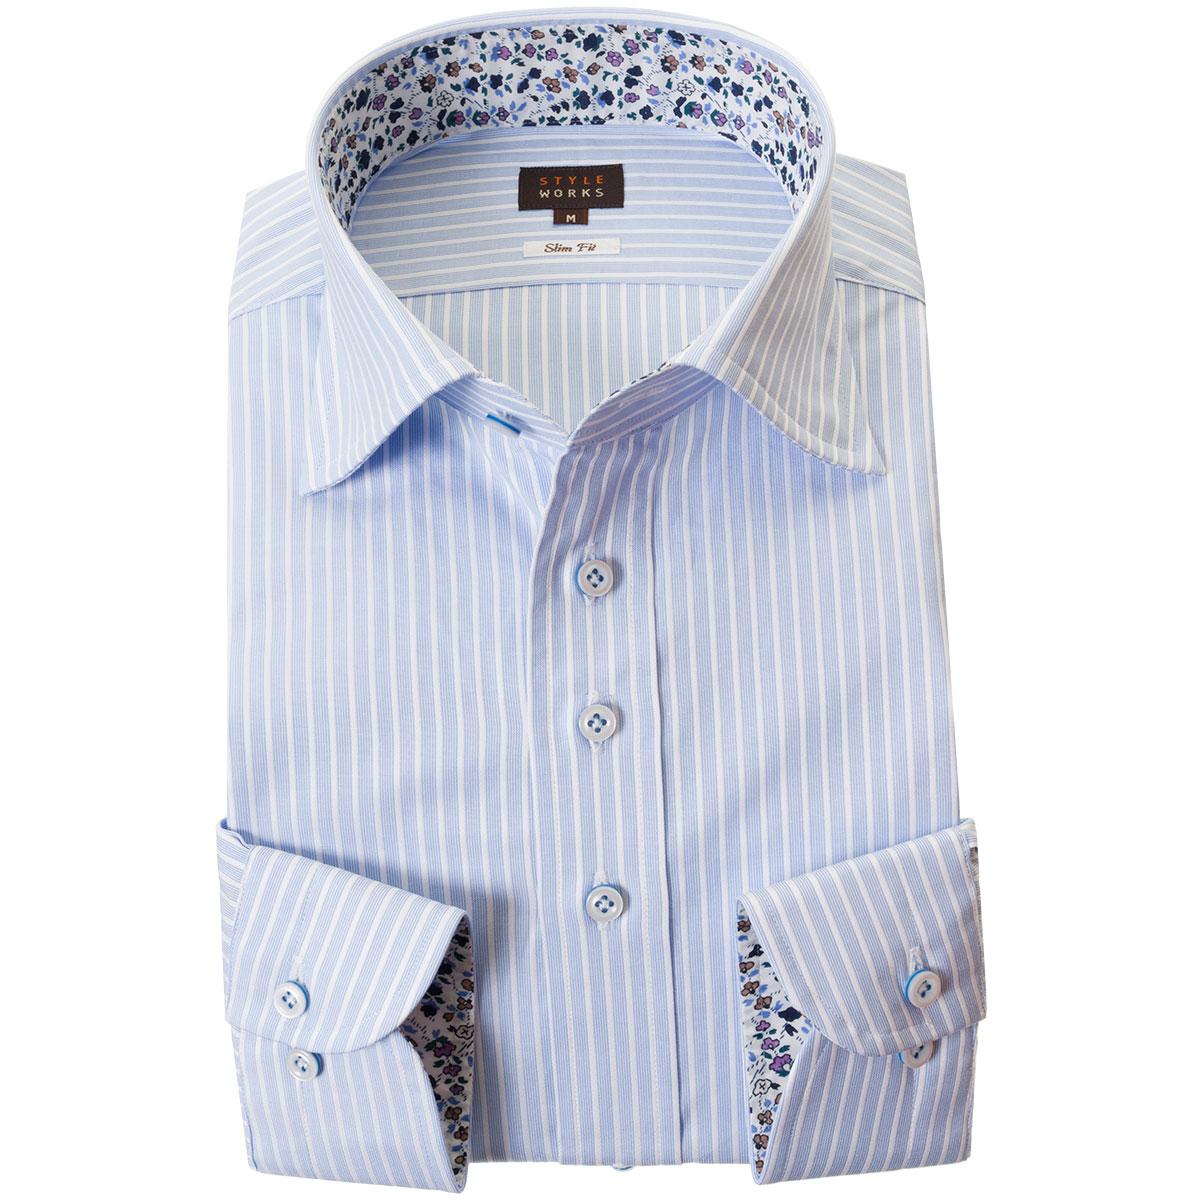 ドレスシャツ ワイシャツ シャツ メンズ 国産 綿100%長袖 スリムフィット ボタンダウン 胸ポケット無 スカイブルーオルタネイトストライプ 2002